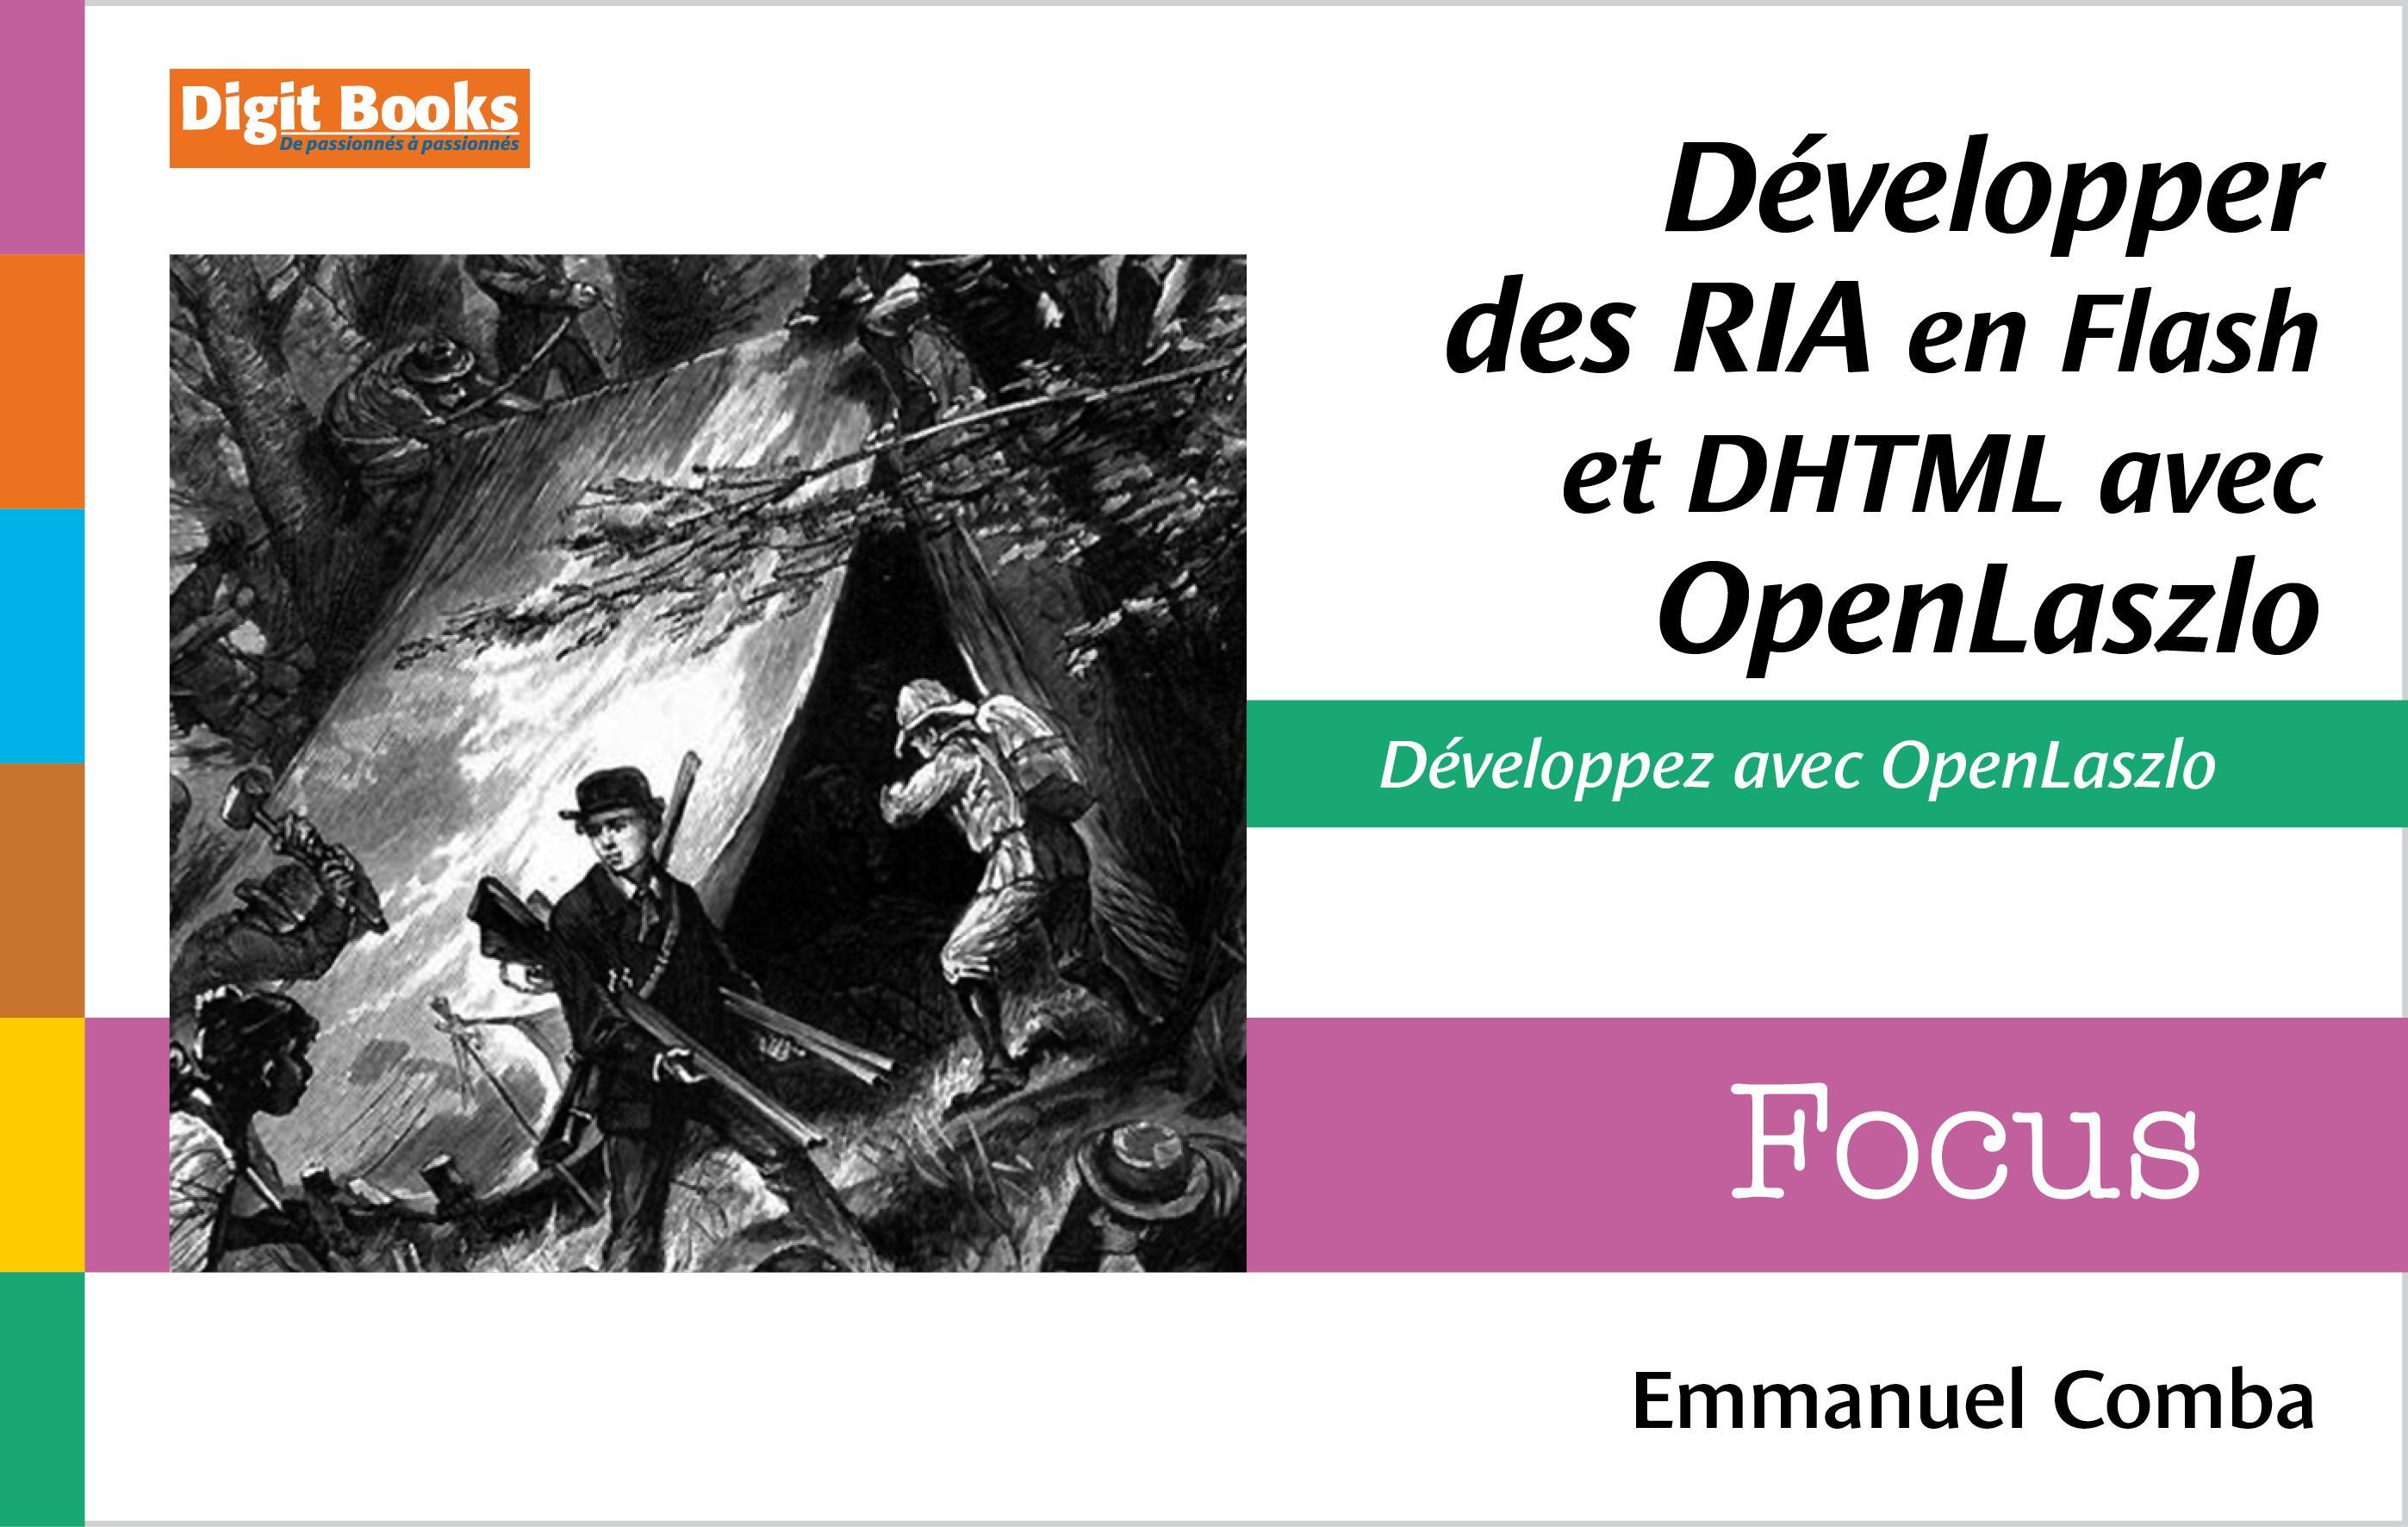 Développer des RIA en Flash et DHTML avec OpenLaszlo